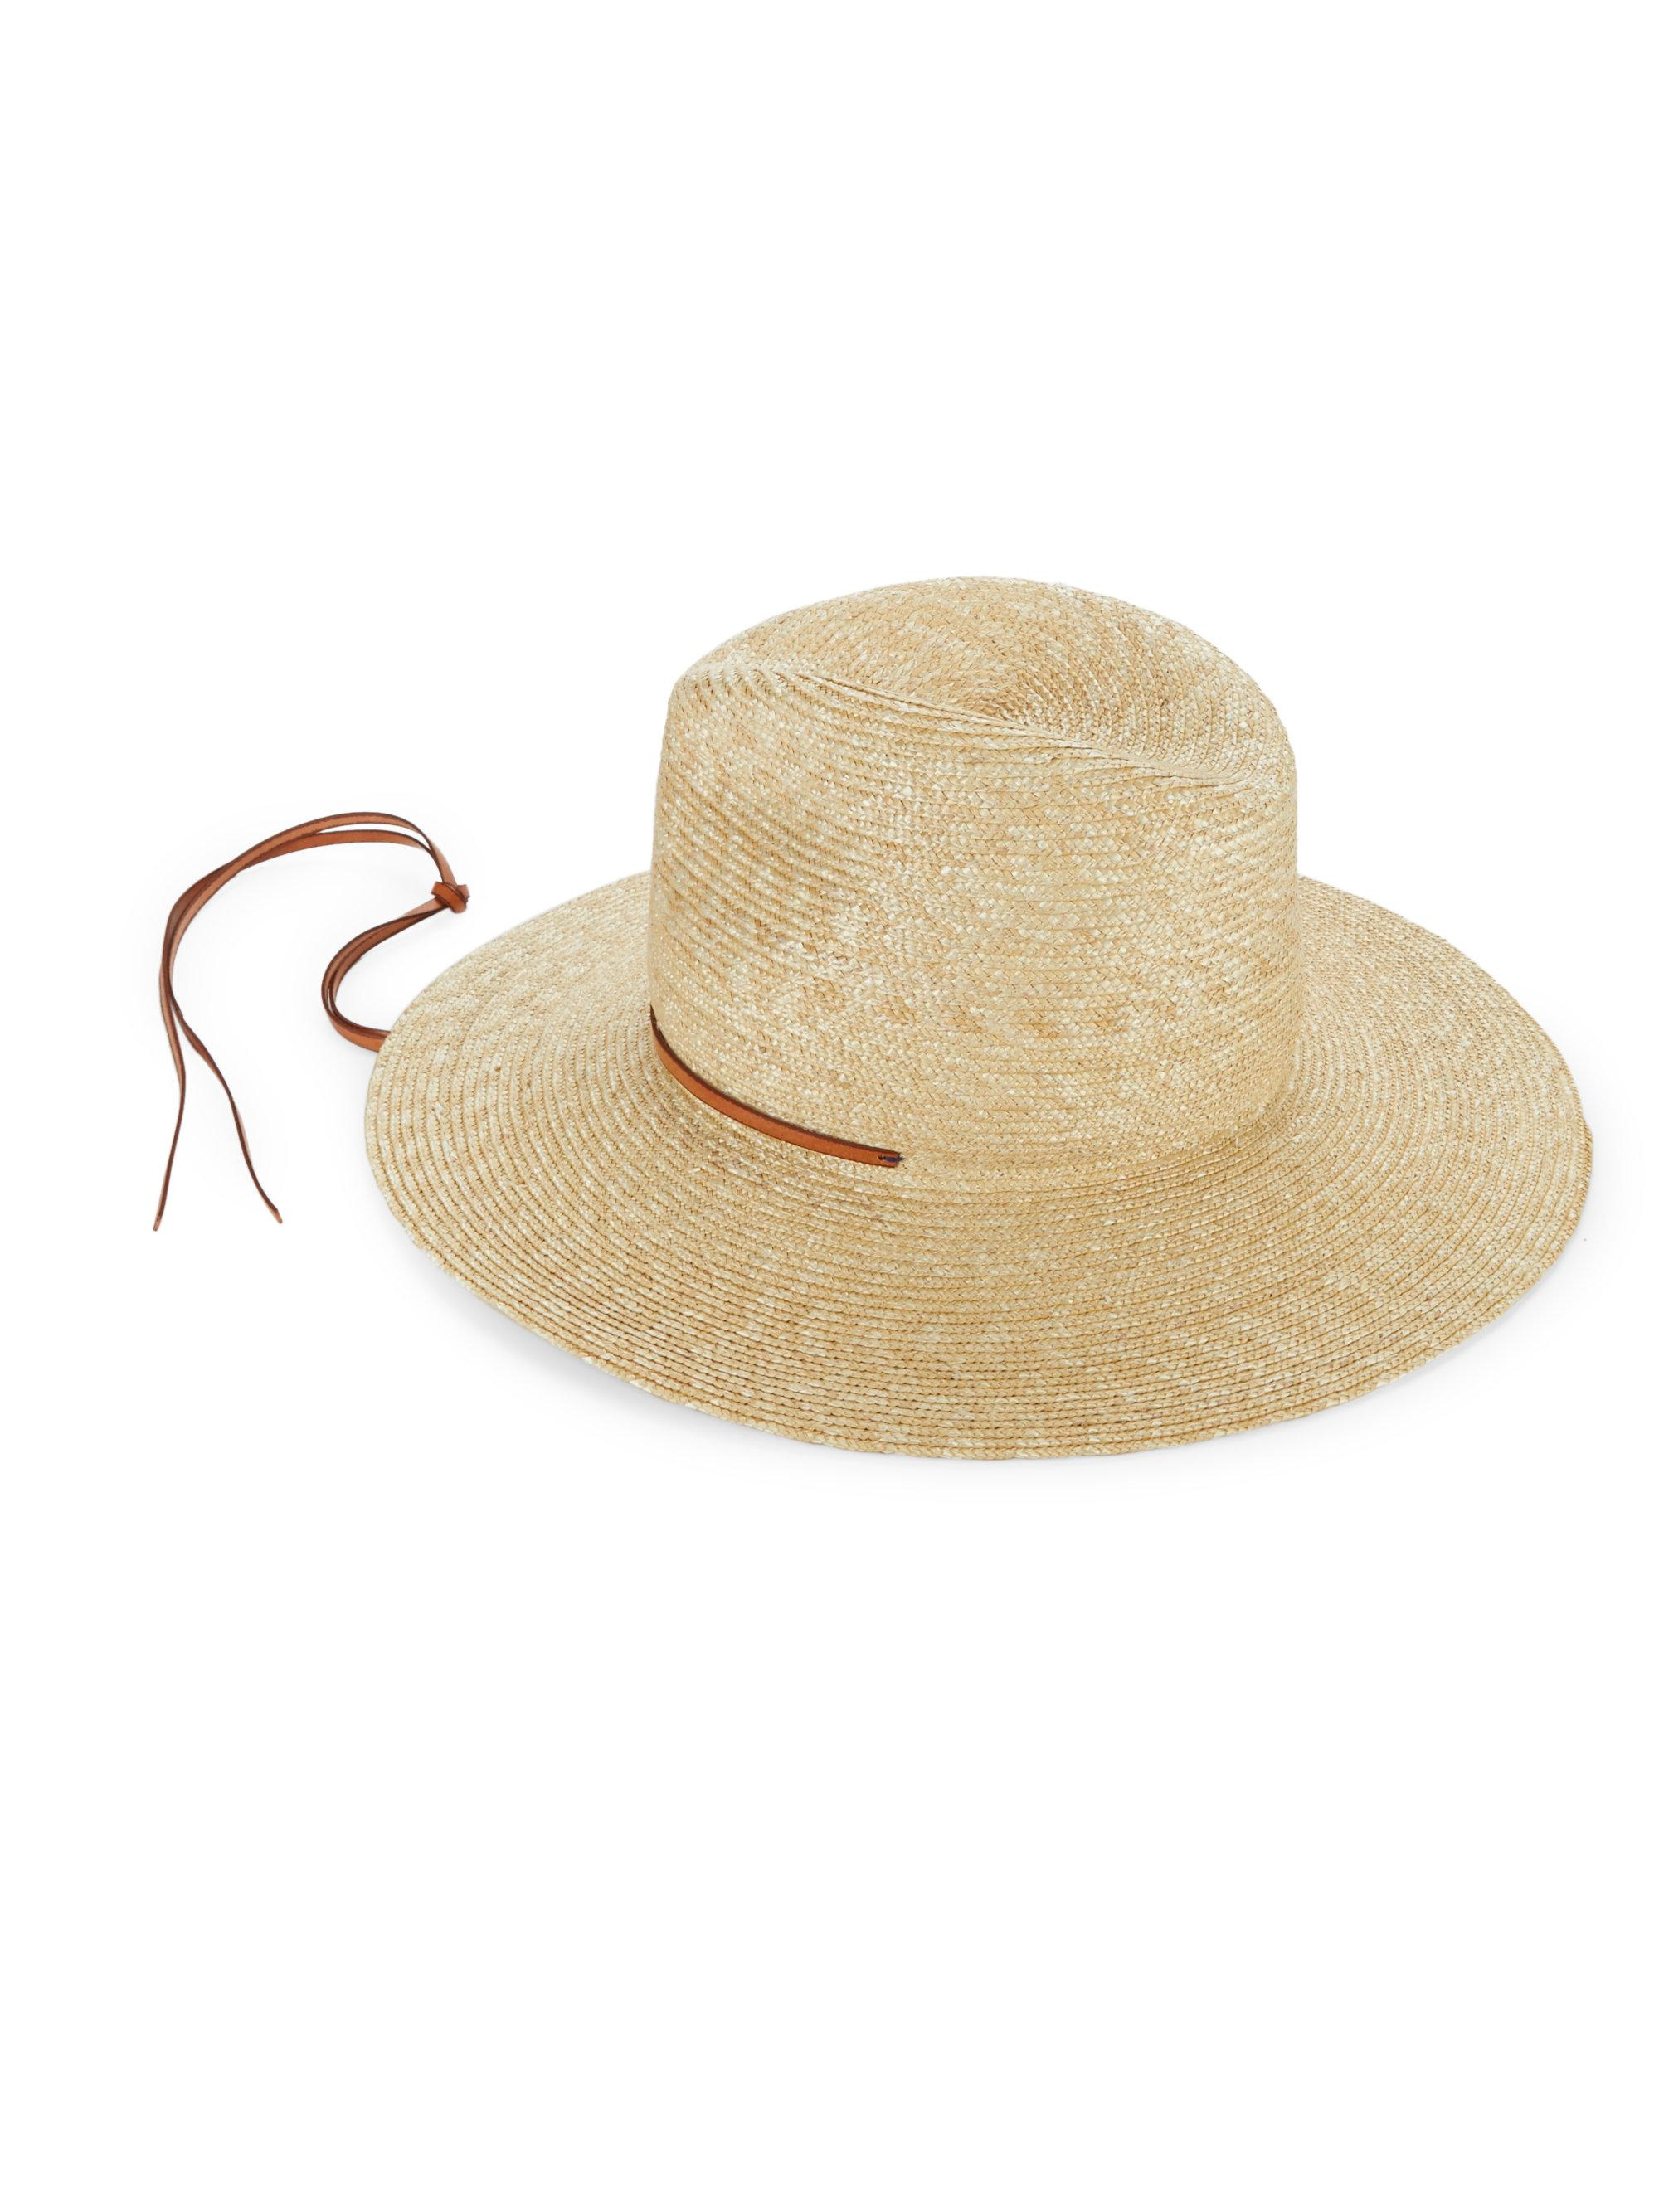 Womens Spinner Oversized Sun Hat Lola Hats 4mV7vs6s